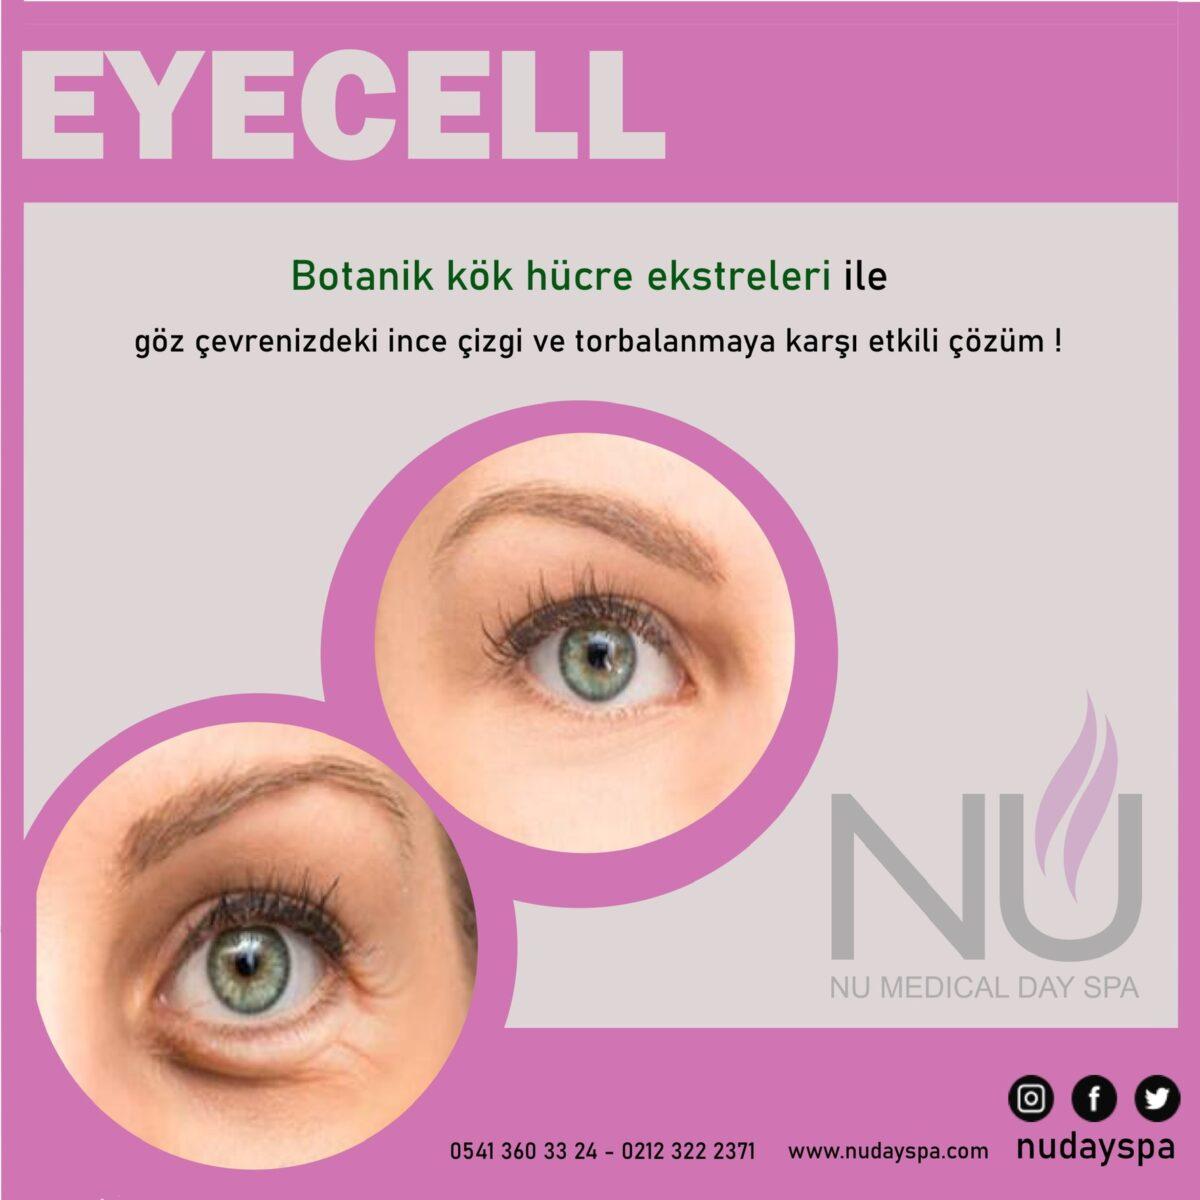 eyecell göz çevresi bakımı